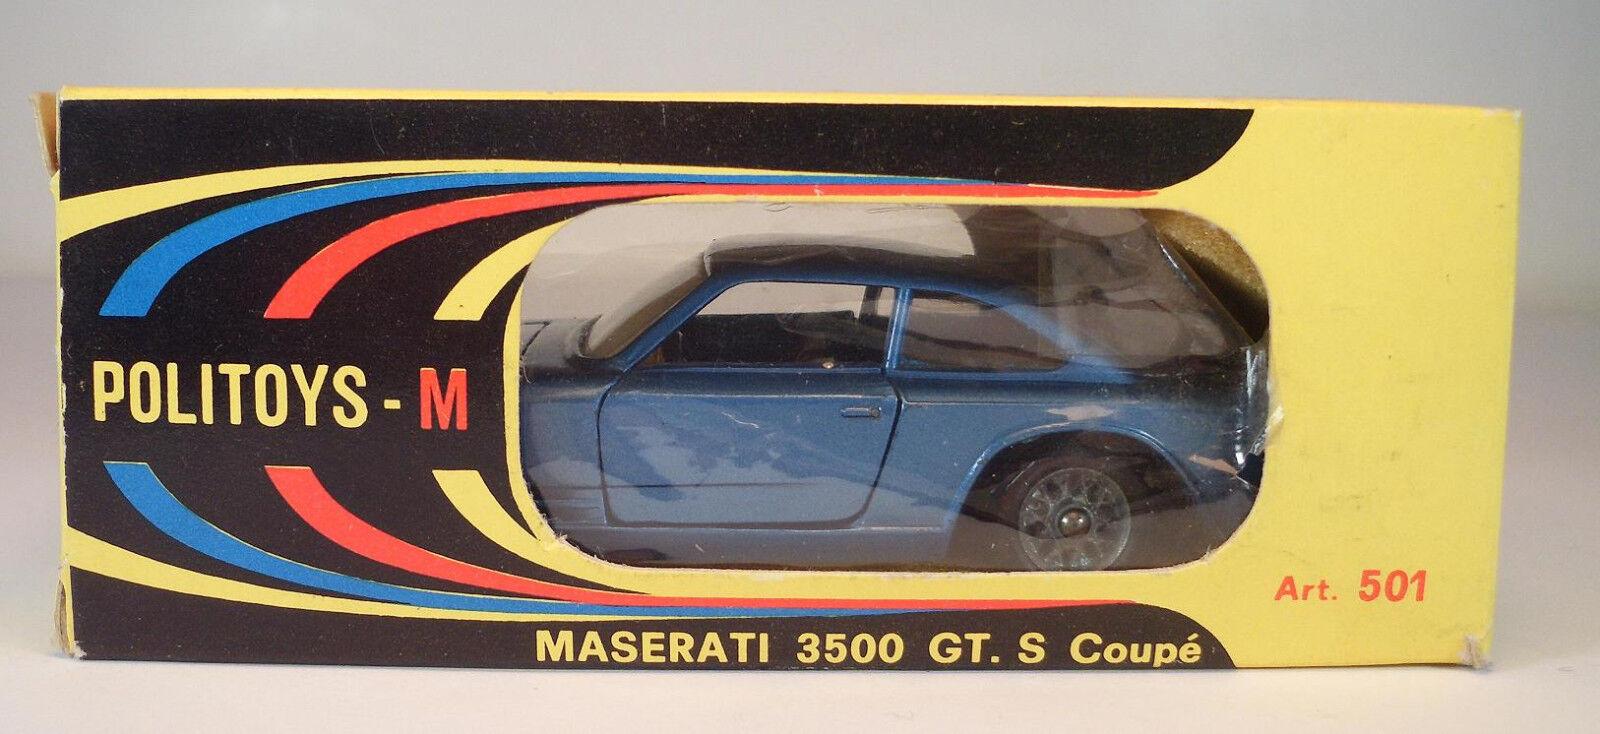 Politoys 1 43 no 501 Maserati 3500 GT bleu METALLIC  Sedan 332 800 OVP  052  authentique